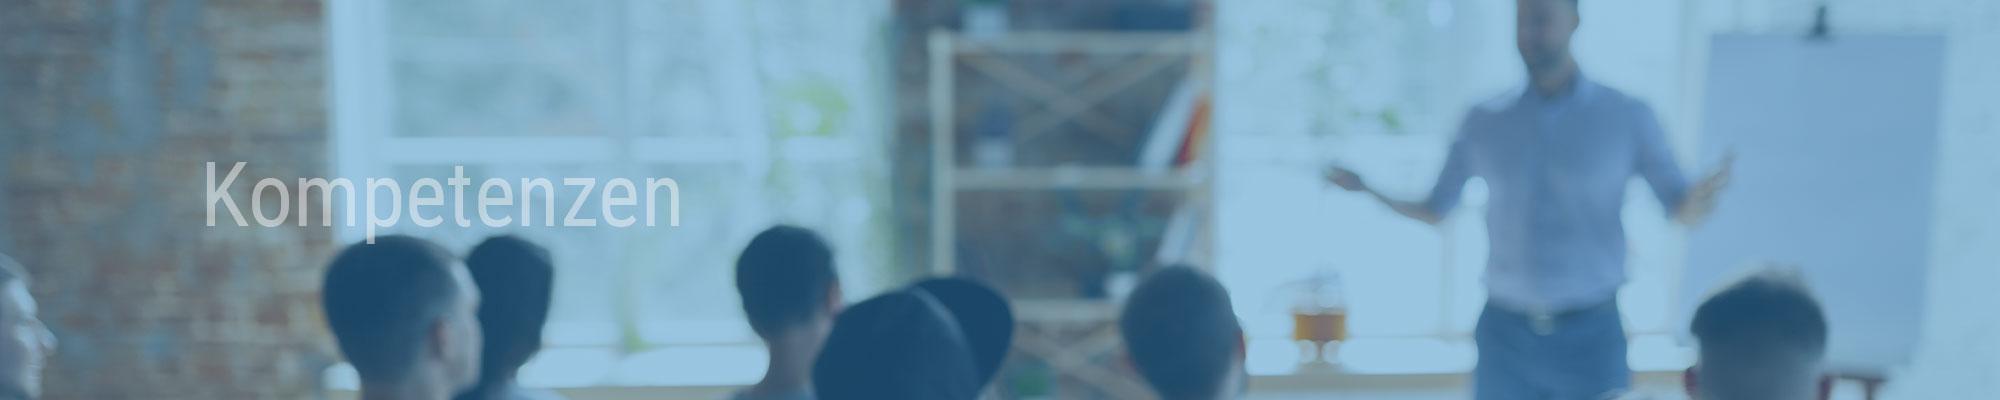 Kompetenzen - MT Gebäudeservice